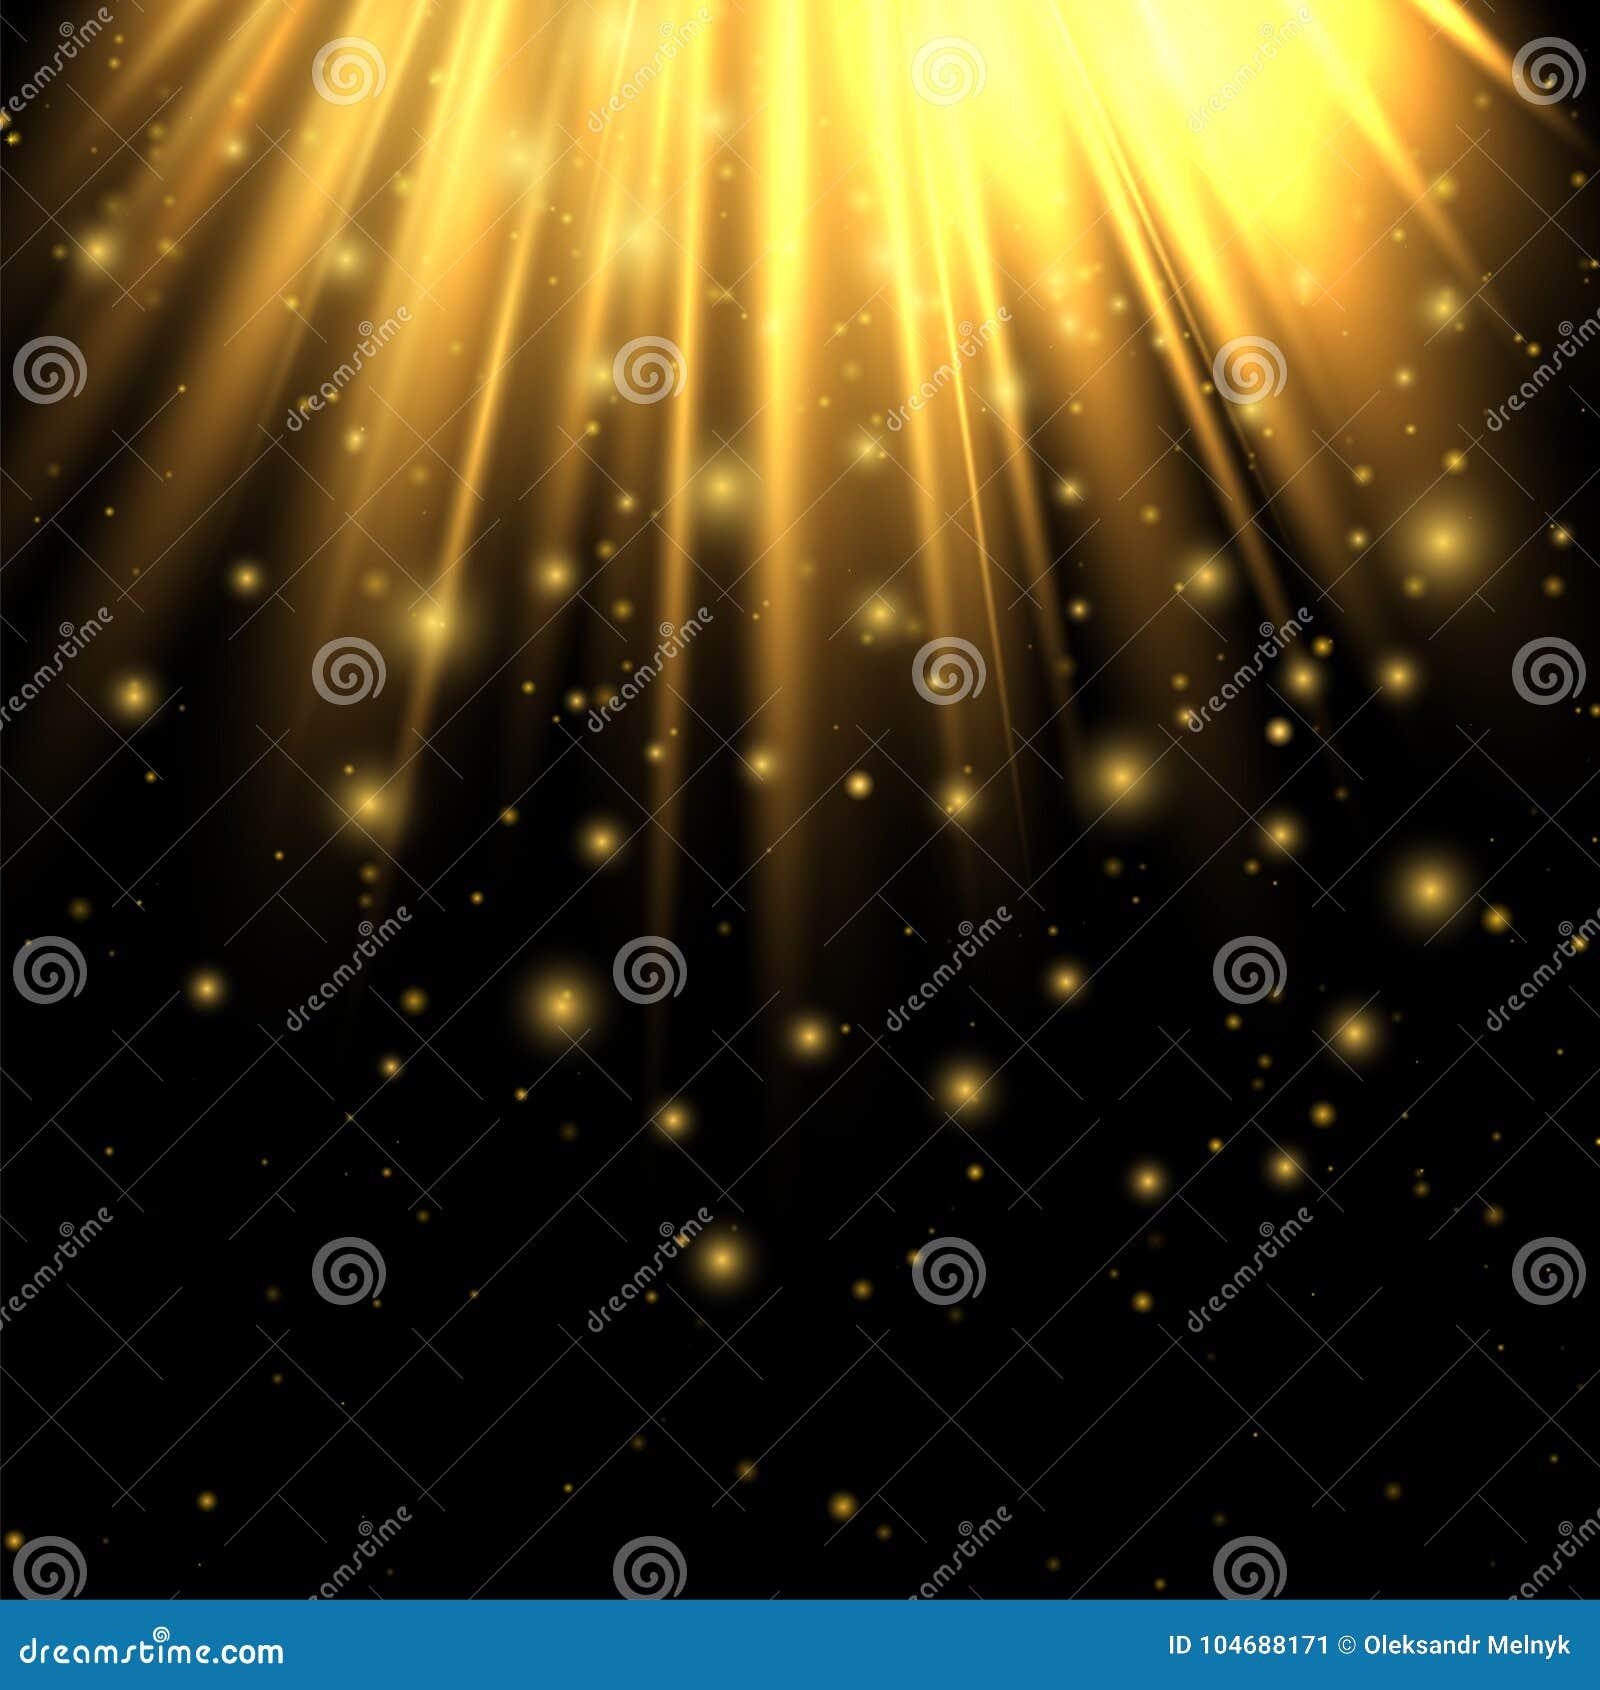 金黄光 光线影响 点燃提高现代您的设计工作的看起来 发光从背景上 摘要